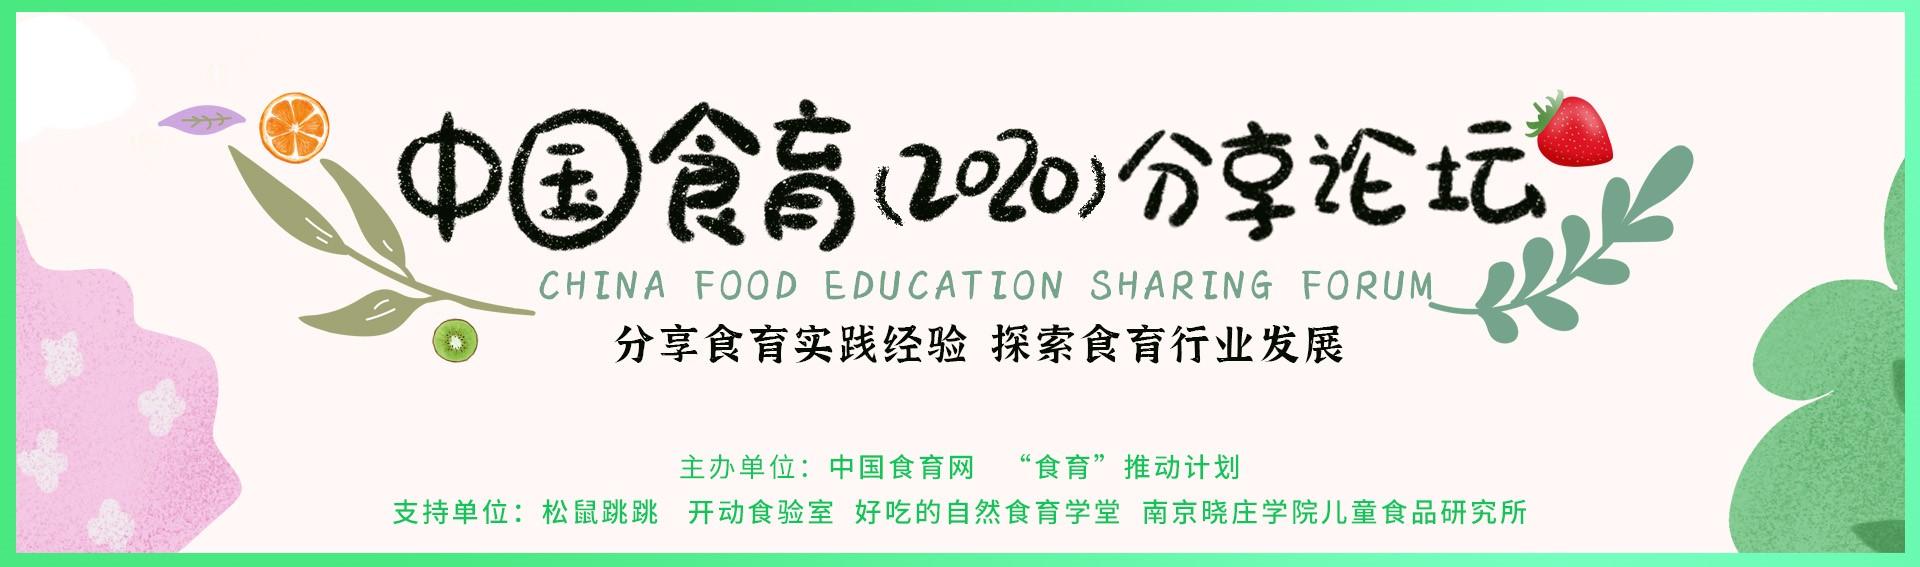 中国食育(2020)线上分享论坛